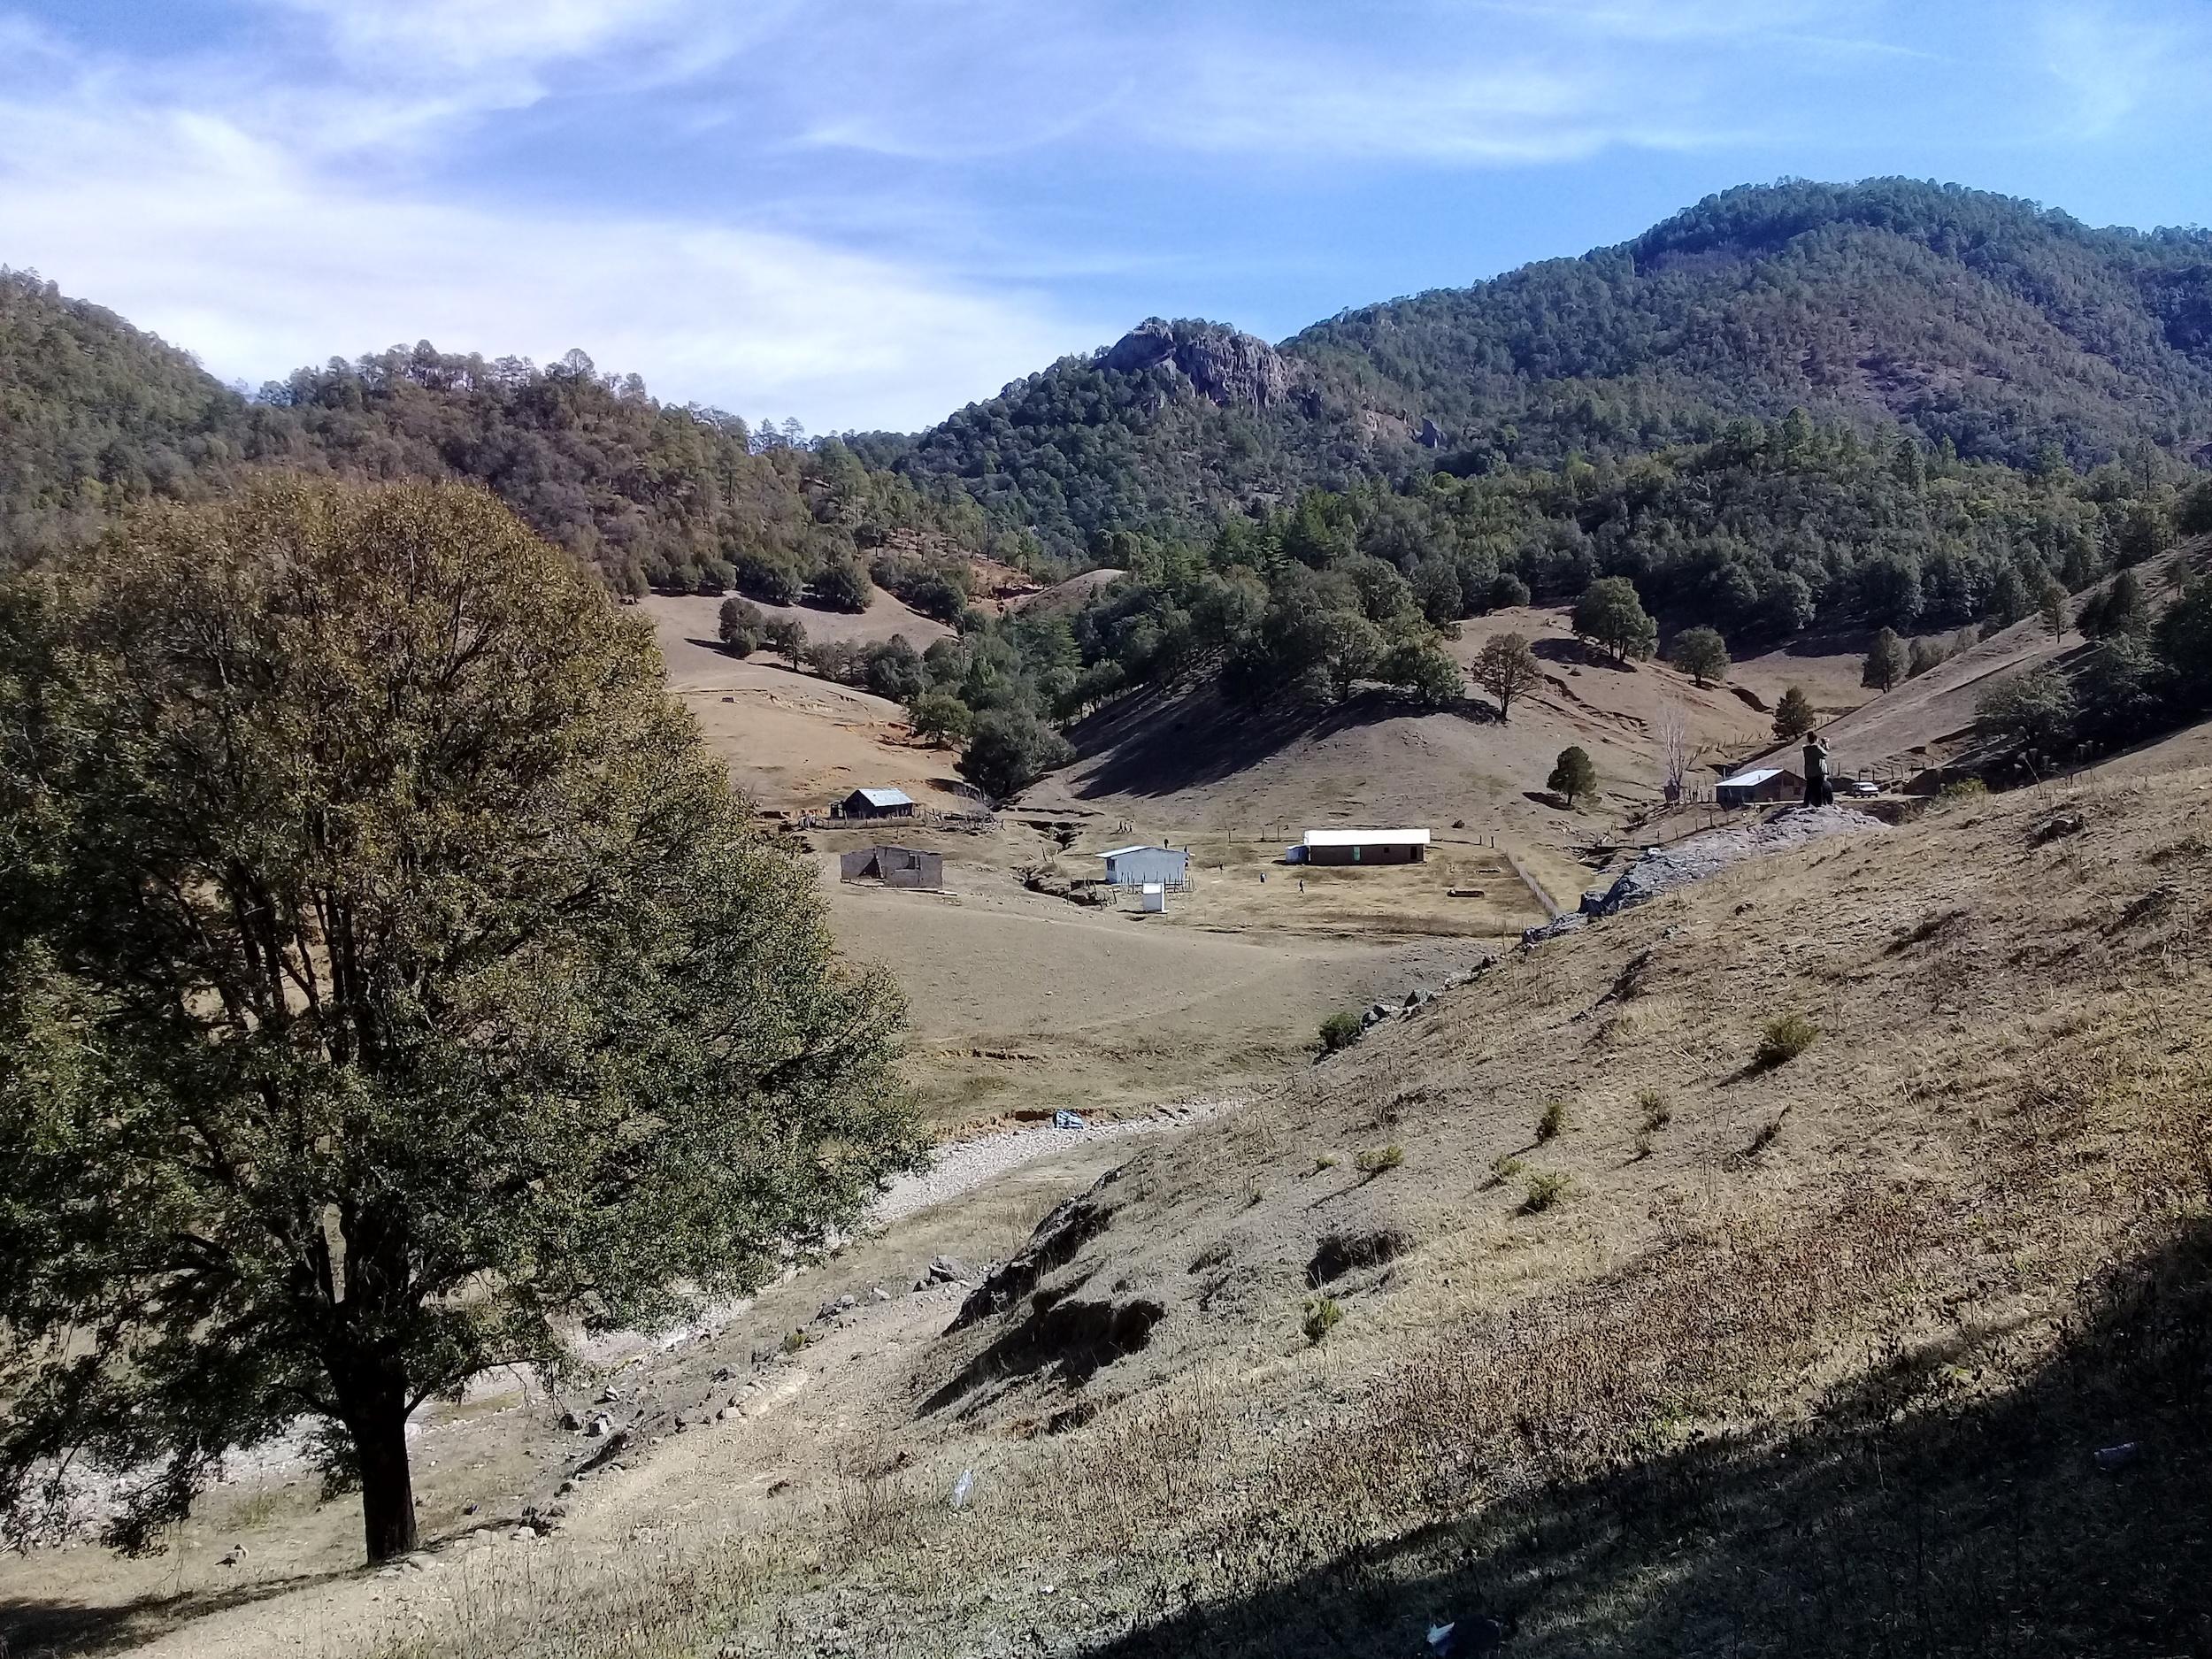 Defensores ambientales México. Los habitantes de Coloradas de la Virgen se oponen al aprovechamiento forestal a gran escala en su territorio. Foto: Alianza Sierra Madre.